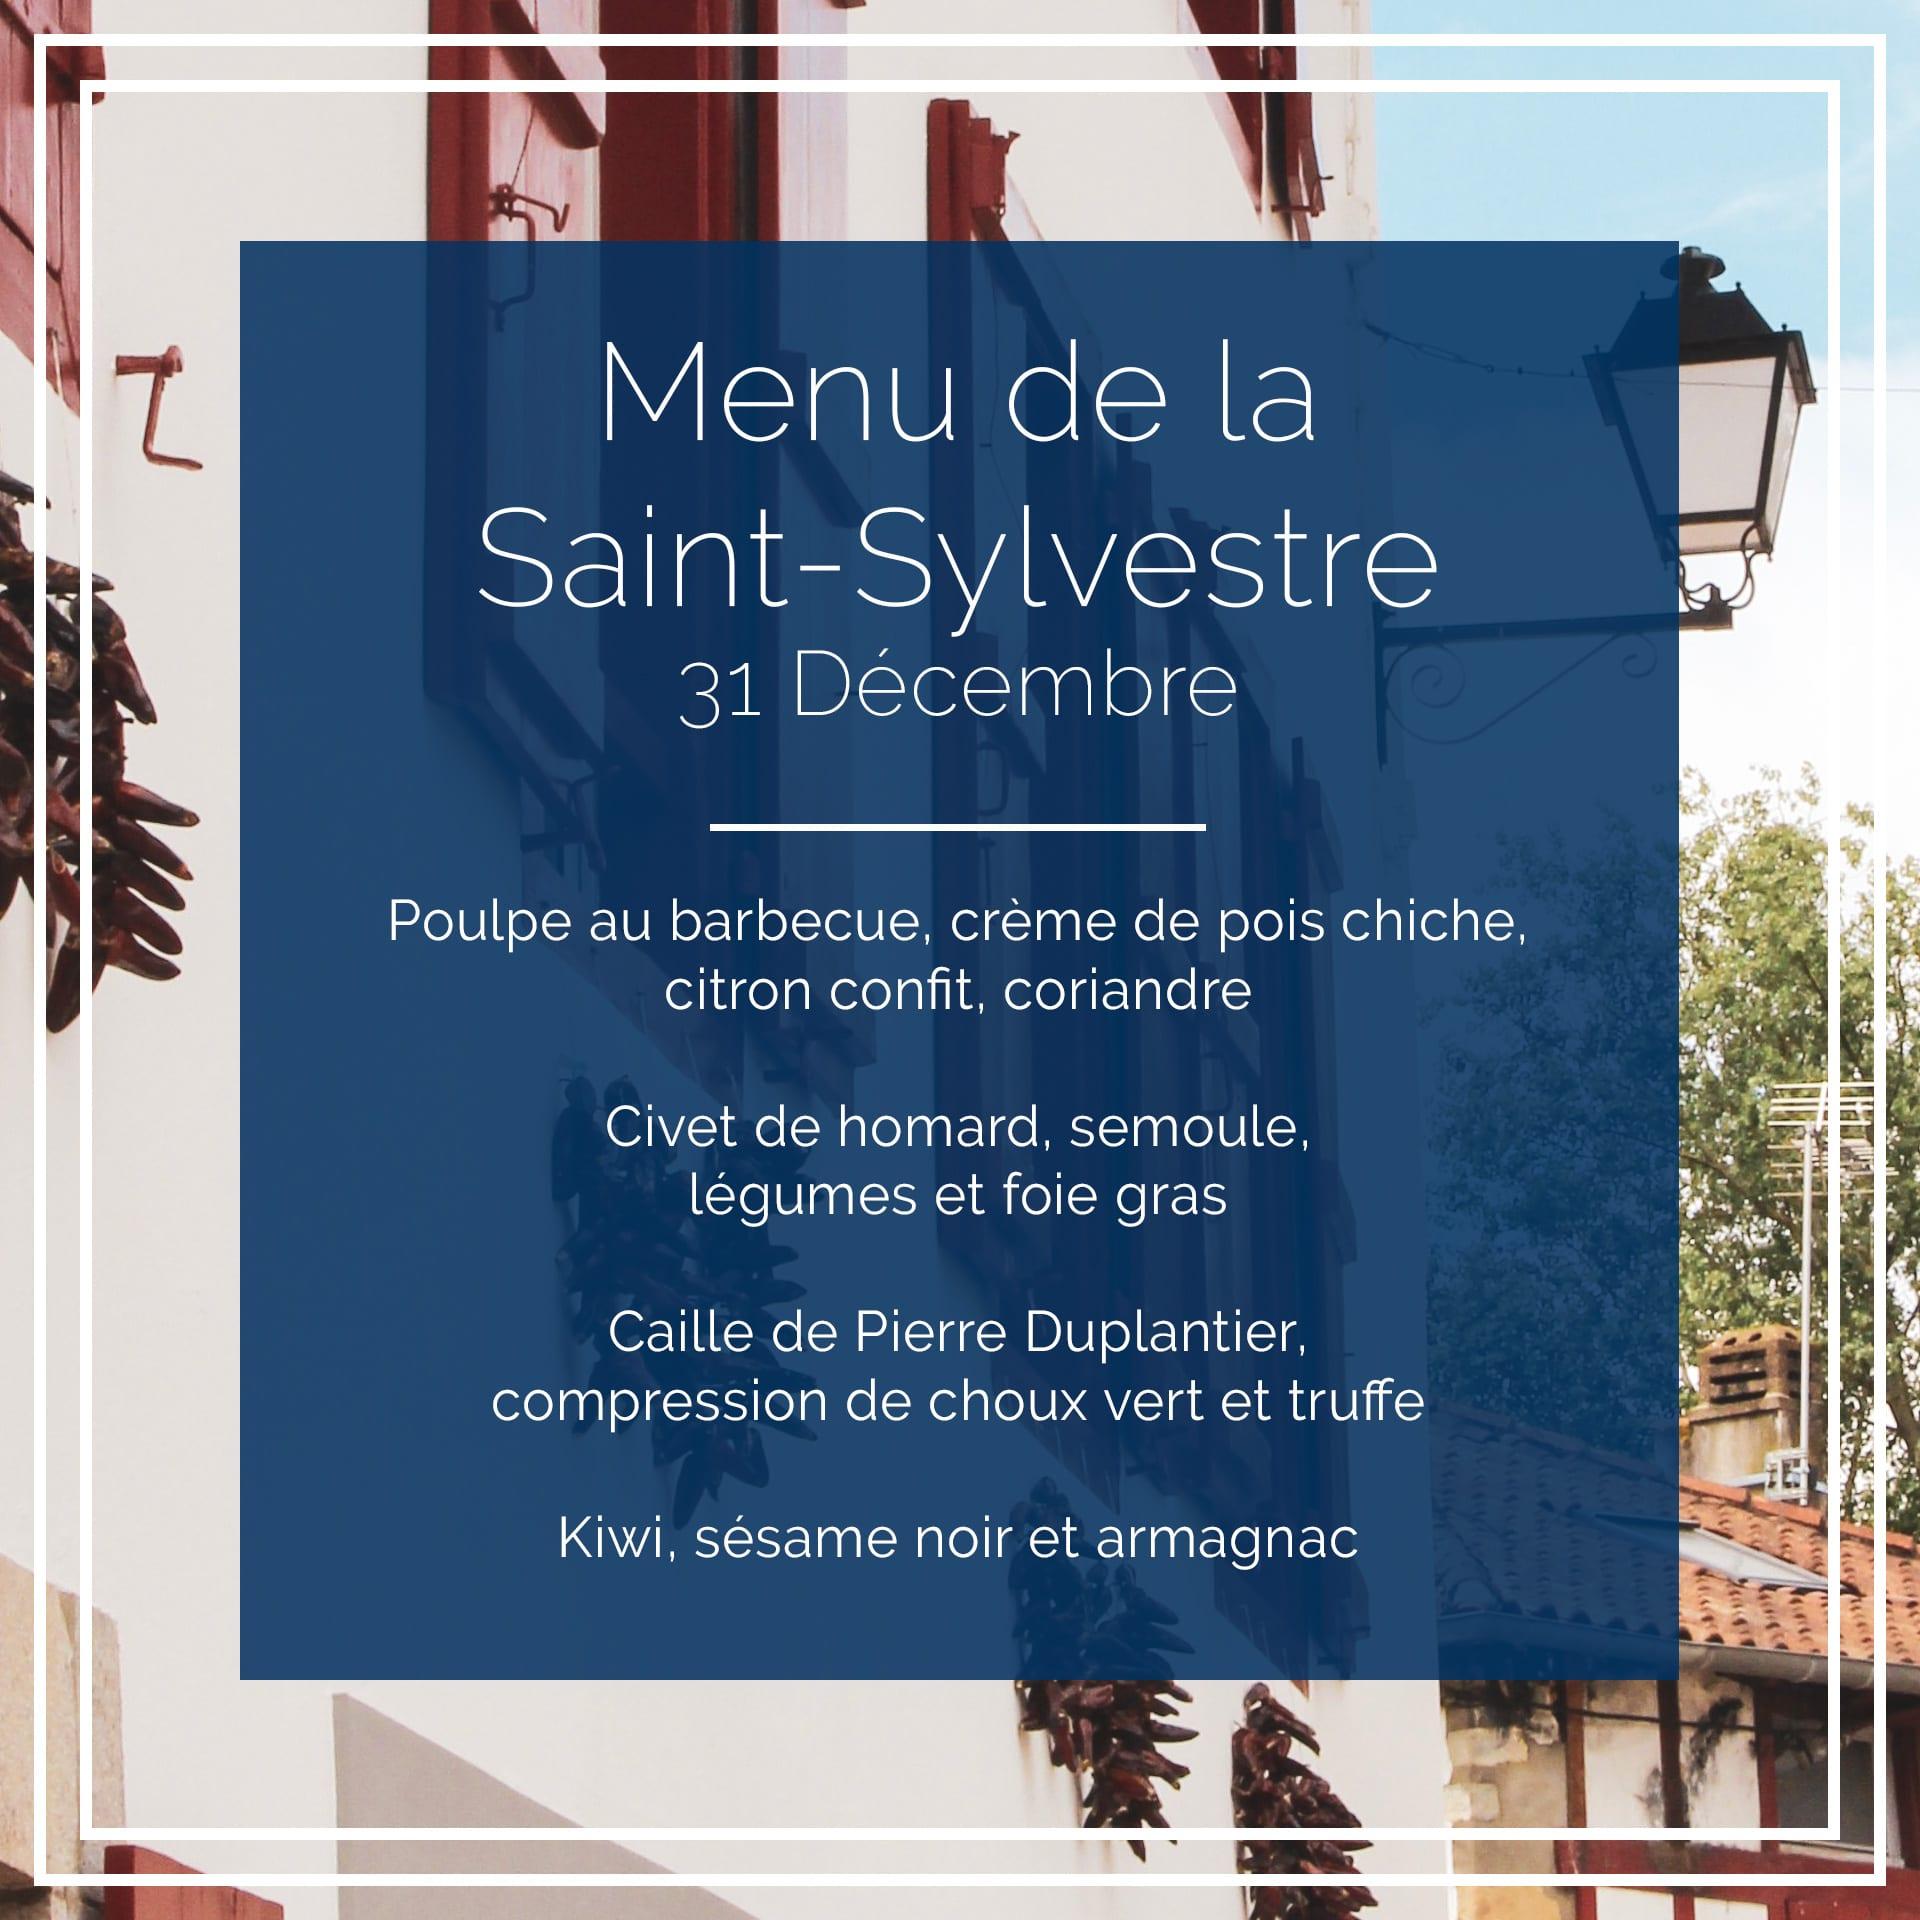 Menu de la Saint-Sylvestre - Mise en page créée par l'Agence Iltze pour le restaurant Choko Ona à Espelette